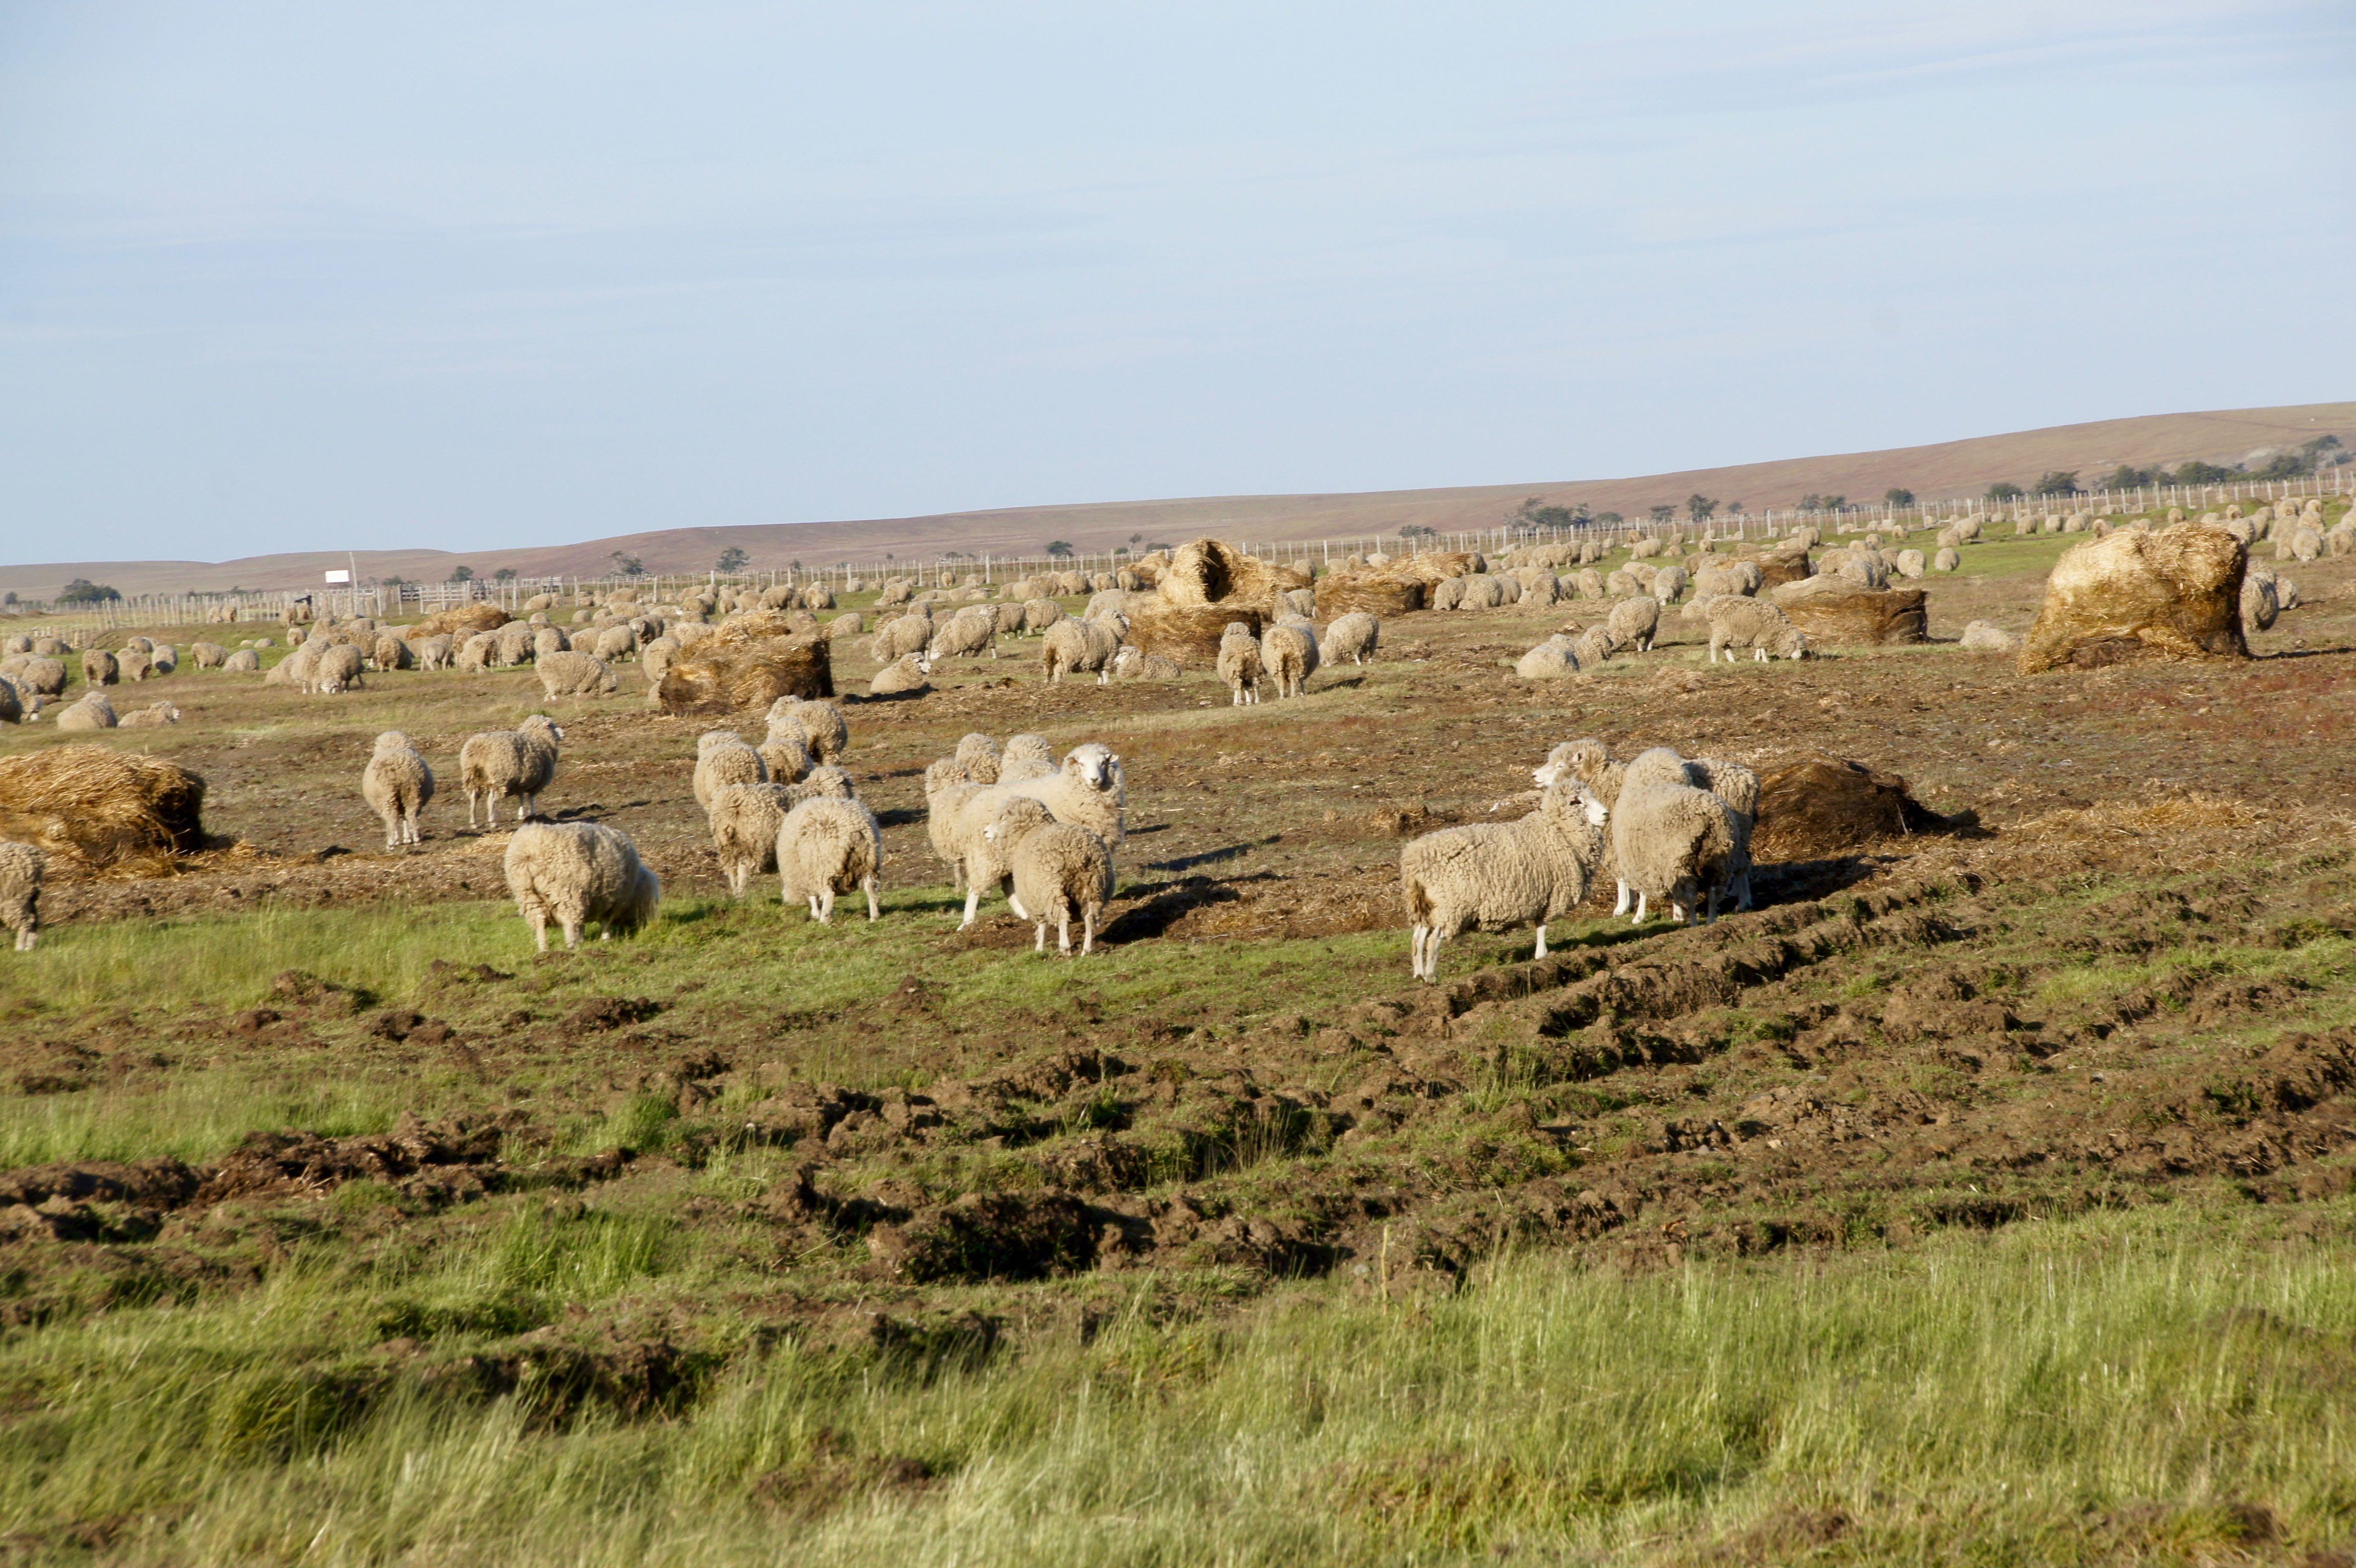 Und noch mehr Schafe...